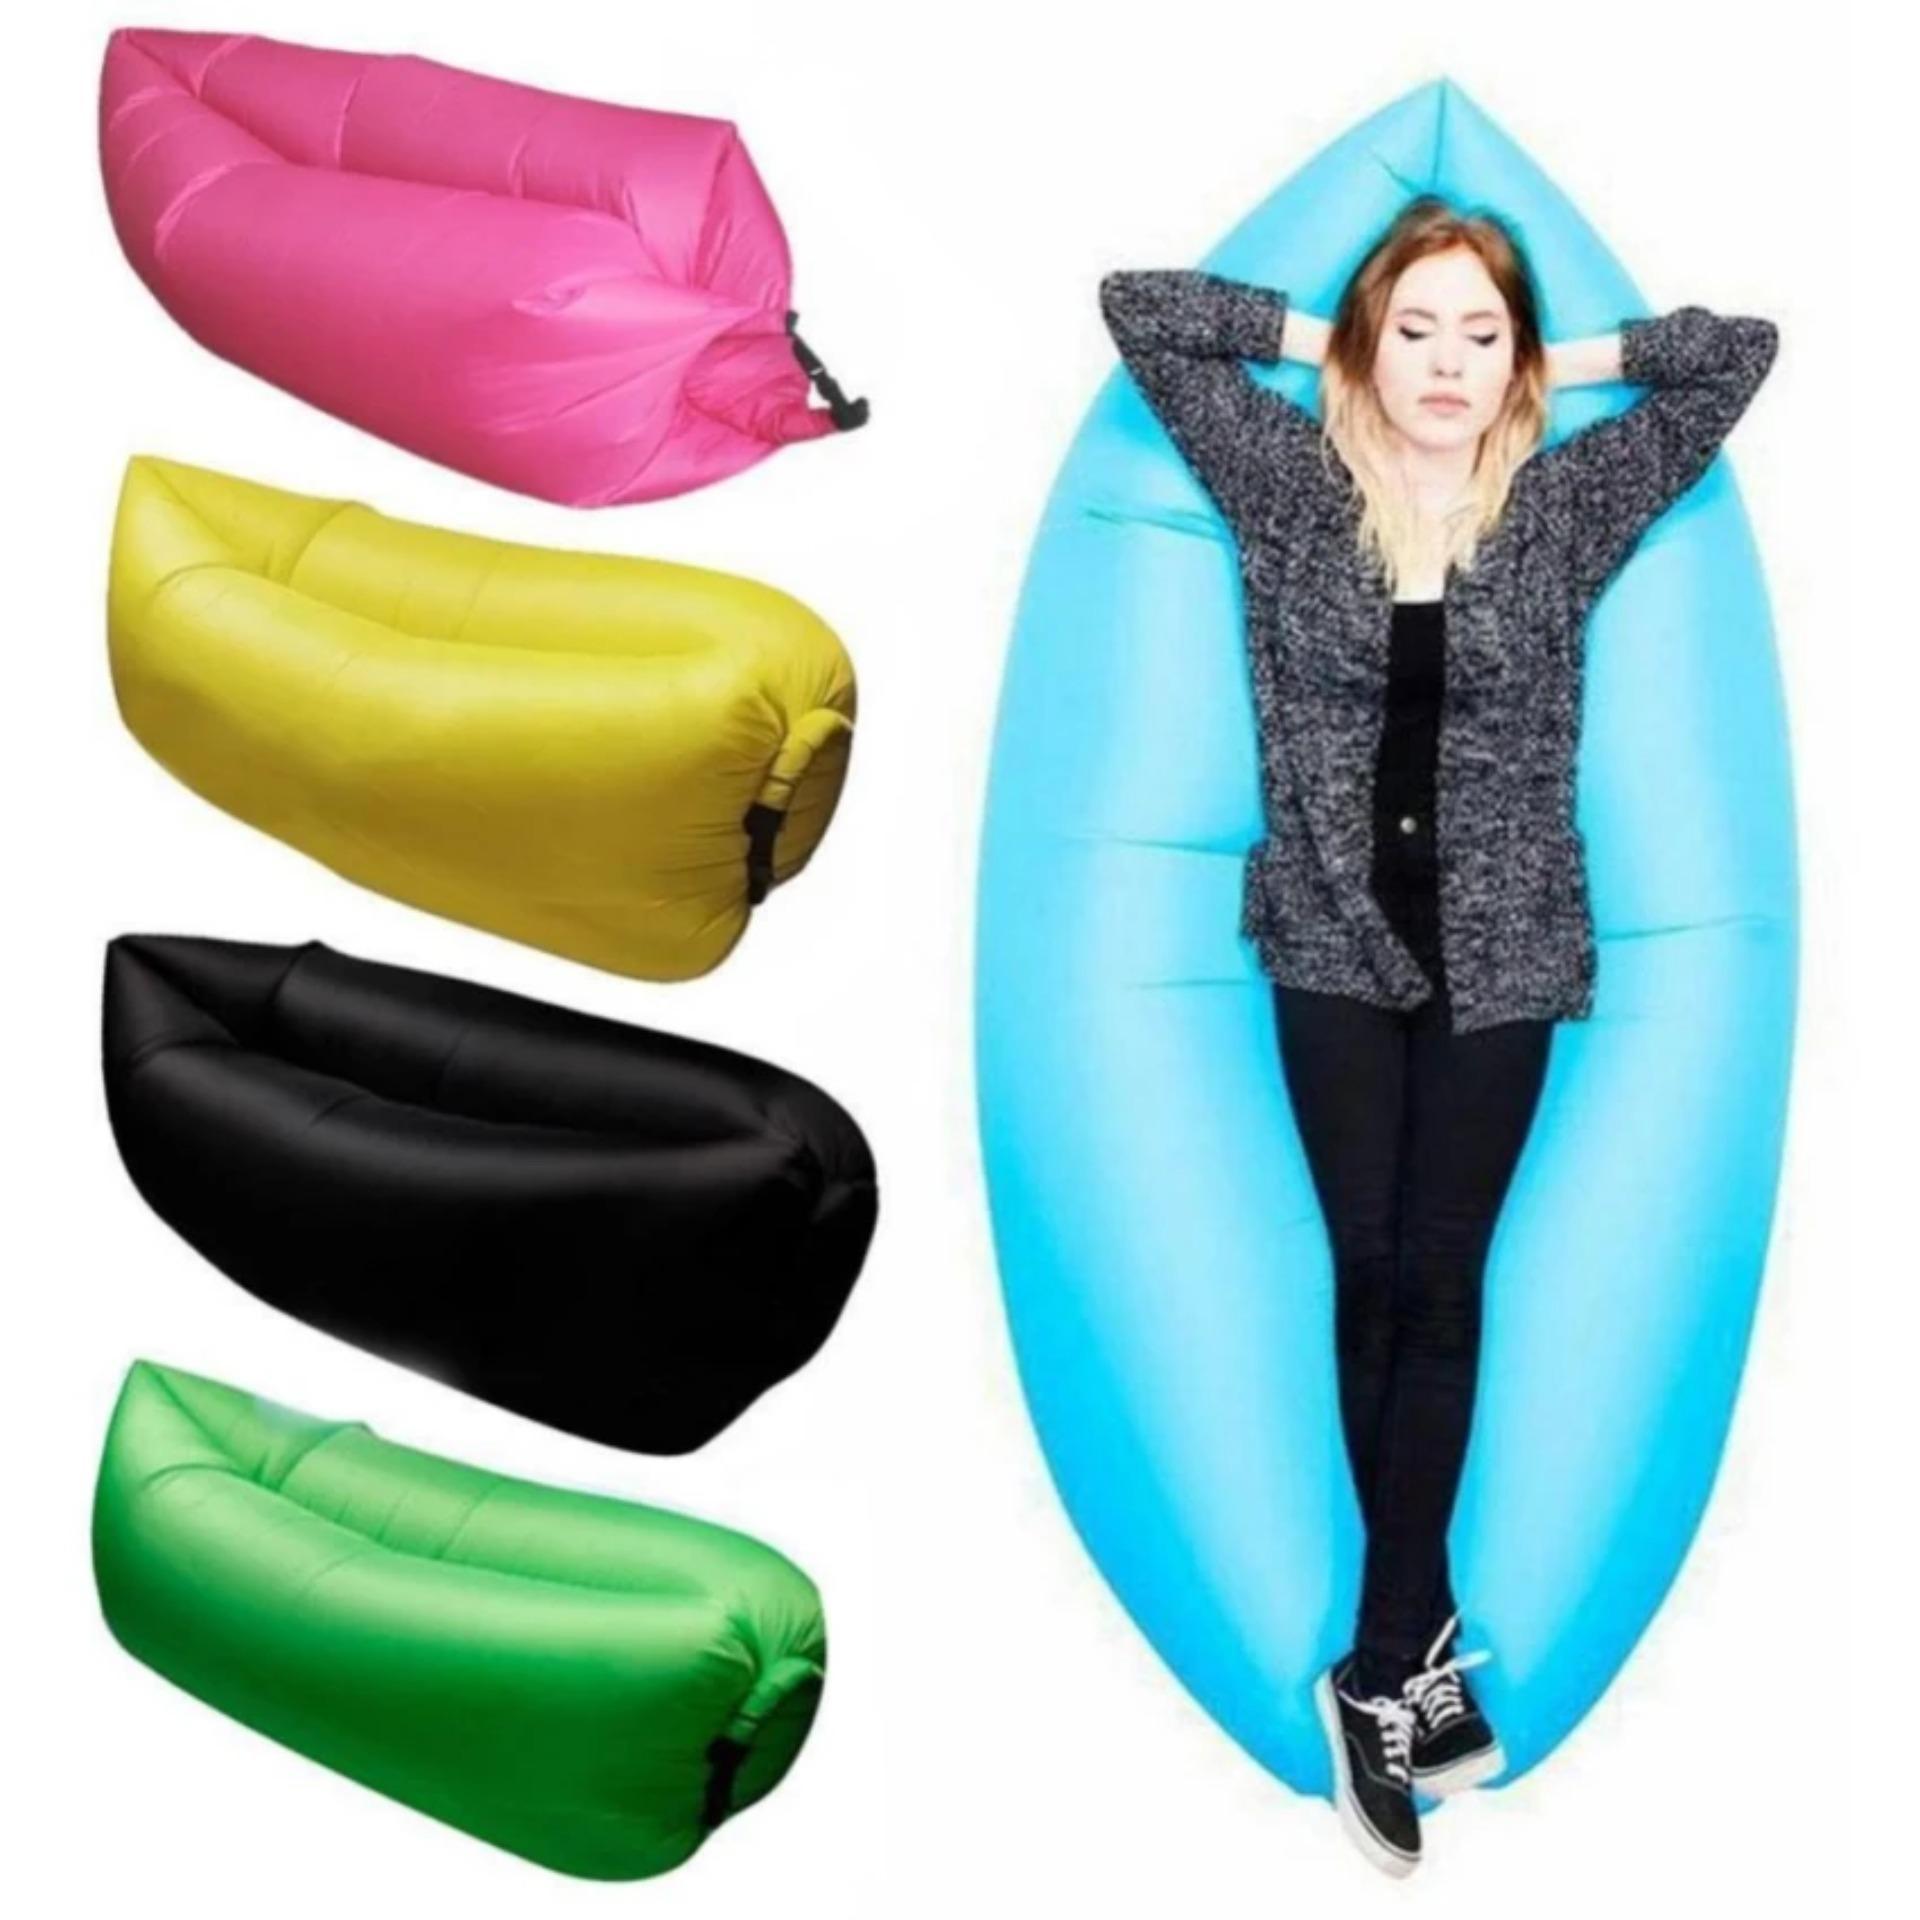 Terbaik Murah Lazy Bag Lazybag Air Bed Sleeping Kasur Angin